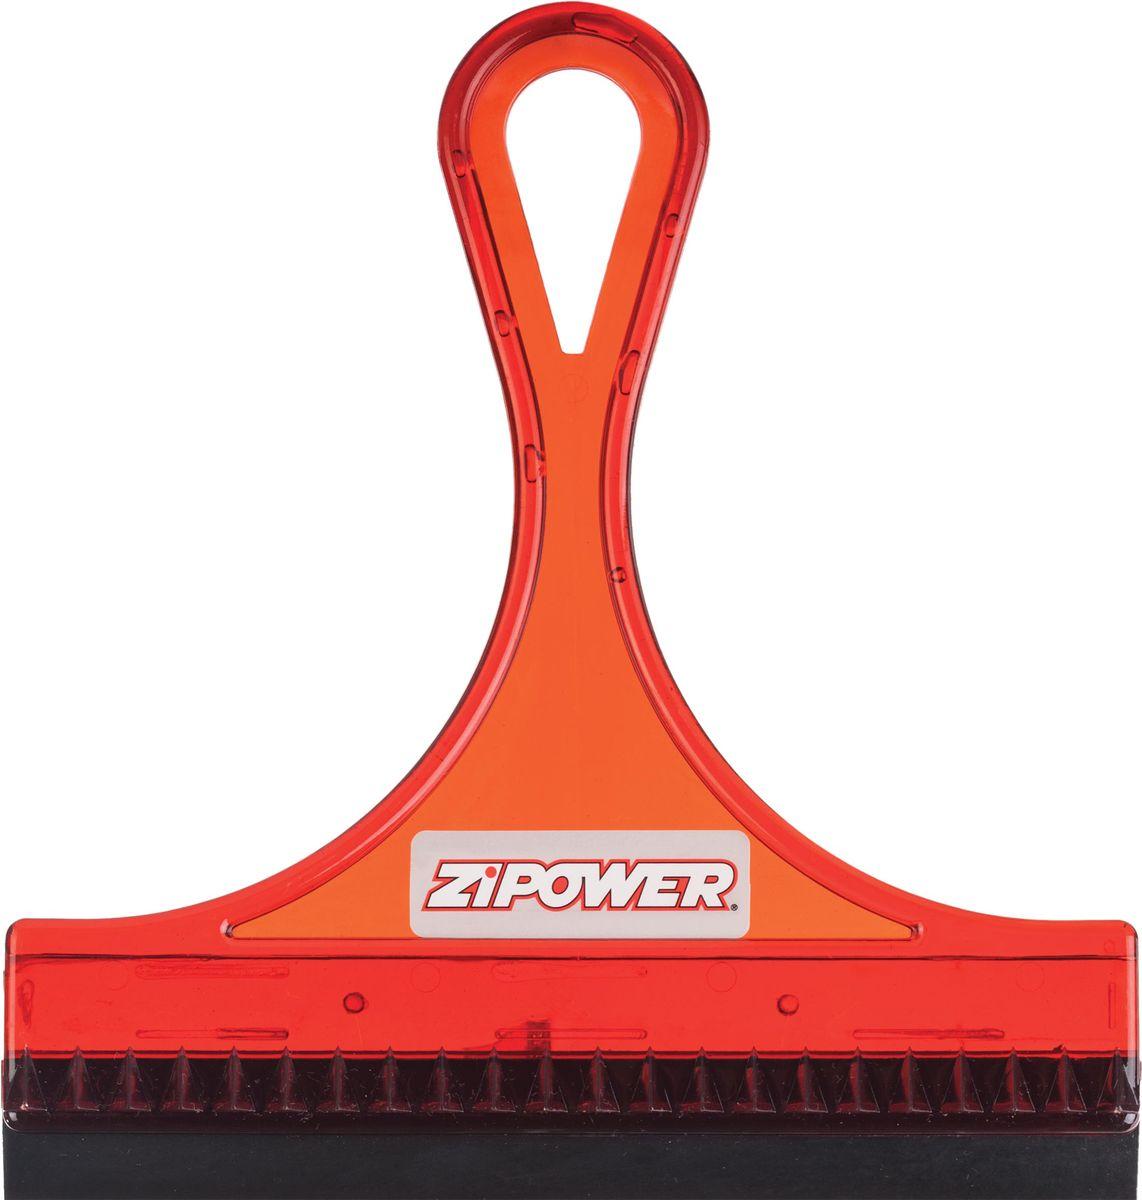 Скребок для удаления воды Zipower, резиновый, ширина 15,5 смАС-4110Скребок для удаления воды Zipower позволяет быстро удалить воду со стекол и зеркал автомобиля. Угол наклона ручки относительно рабочей поверхности скребка минимизирует прикладываемое усилие. Рабочая часть изготовлена из высококачественного материала, что позволяет эффективно удалять воду со стекол и зеркал на протяжении длительного срока эксплуатации. Аксессуар снабжен удобной ручкой с отверстием для подвешивания.Модель изготовлена из современных материалов, отвечающих всем европейским стандартам качества.Ширина щетки: 1,5 см.Длина щетки: 17 см.